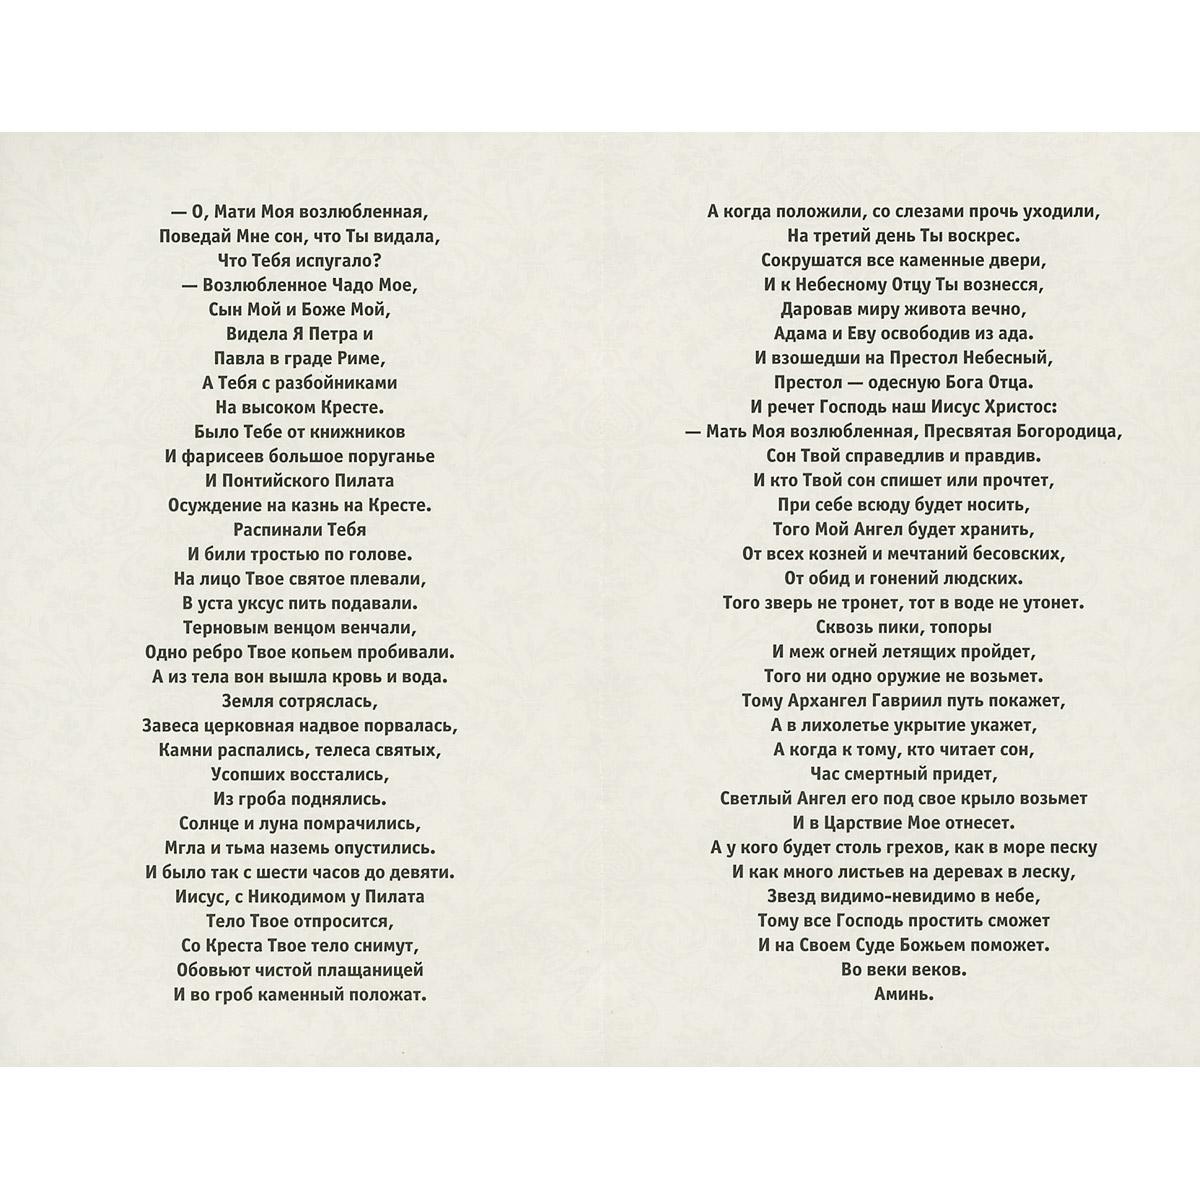 Сны Пресвятой Богородицы. Открытки-обереги. Выпуск 4 (набор из 12 открыток)